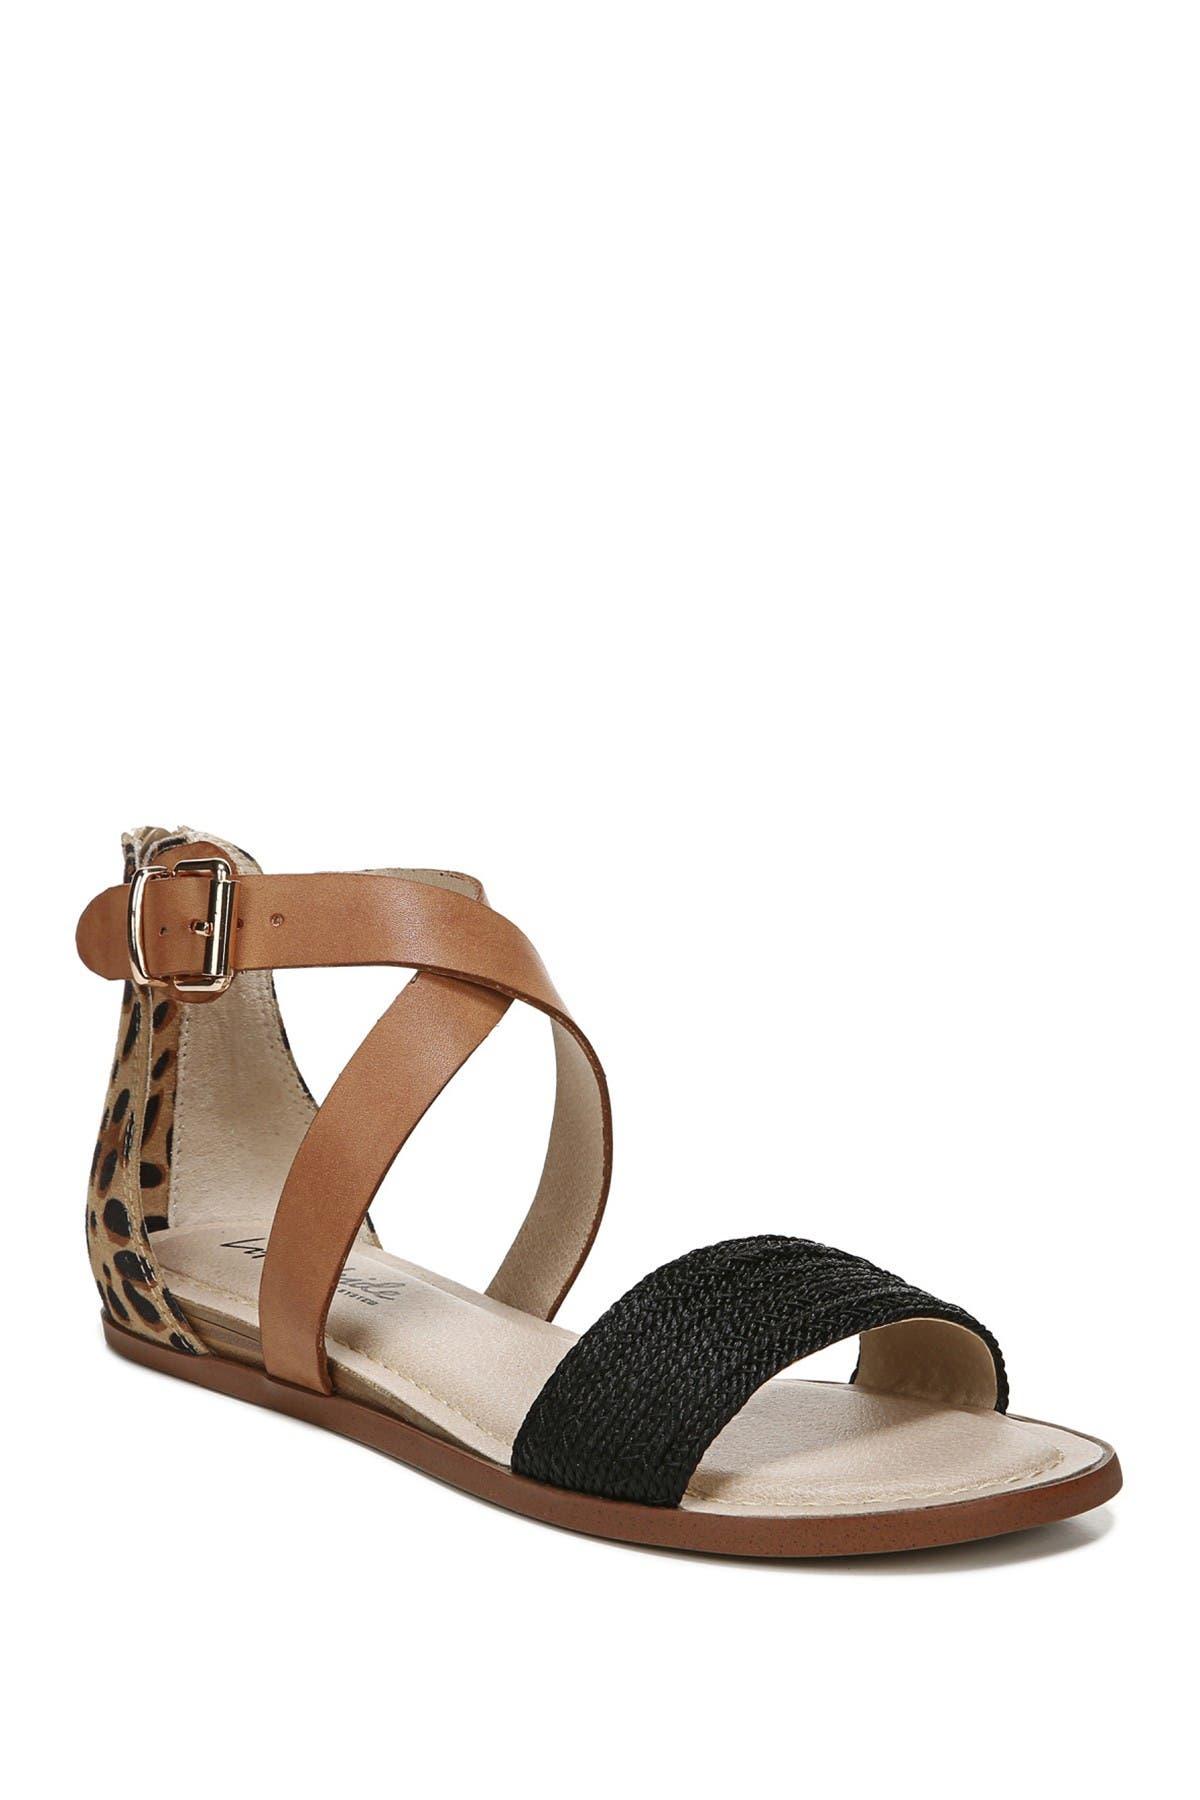 Lifestride Sandals RILEY SANDAL